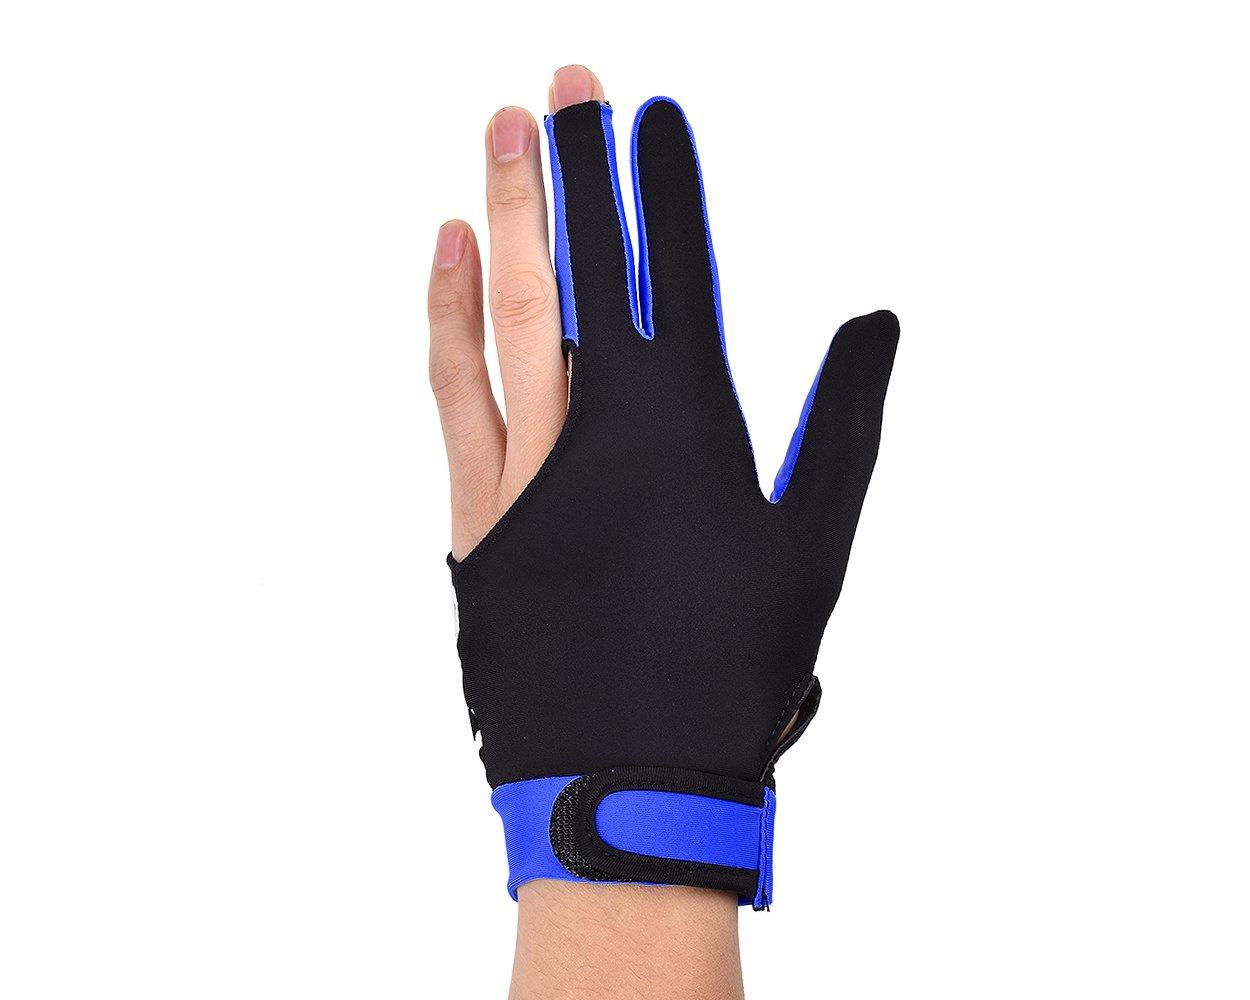 DSstyles 1 pieza de lycra elástica 3 dedos de piscina y billar Snooker guante (talla M) - Azul ds. distinctive style